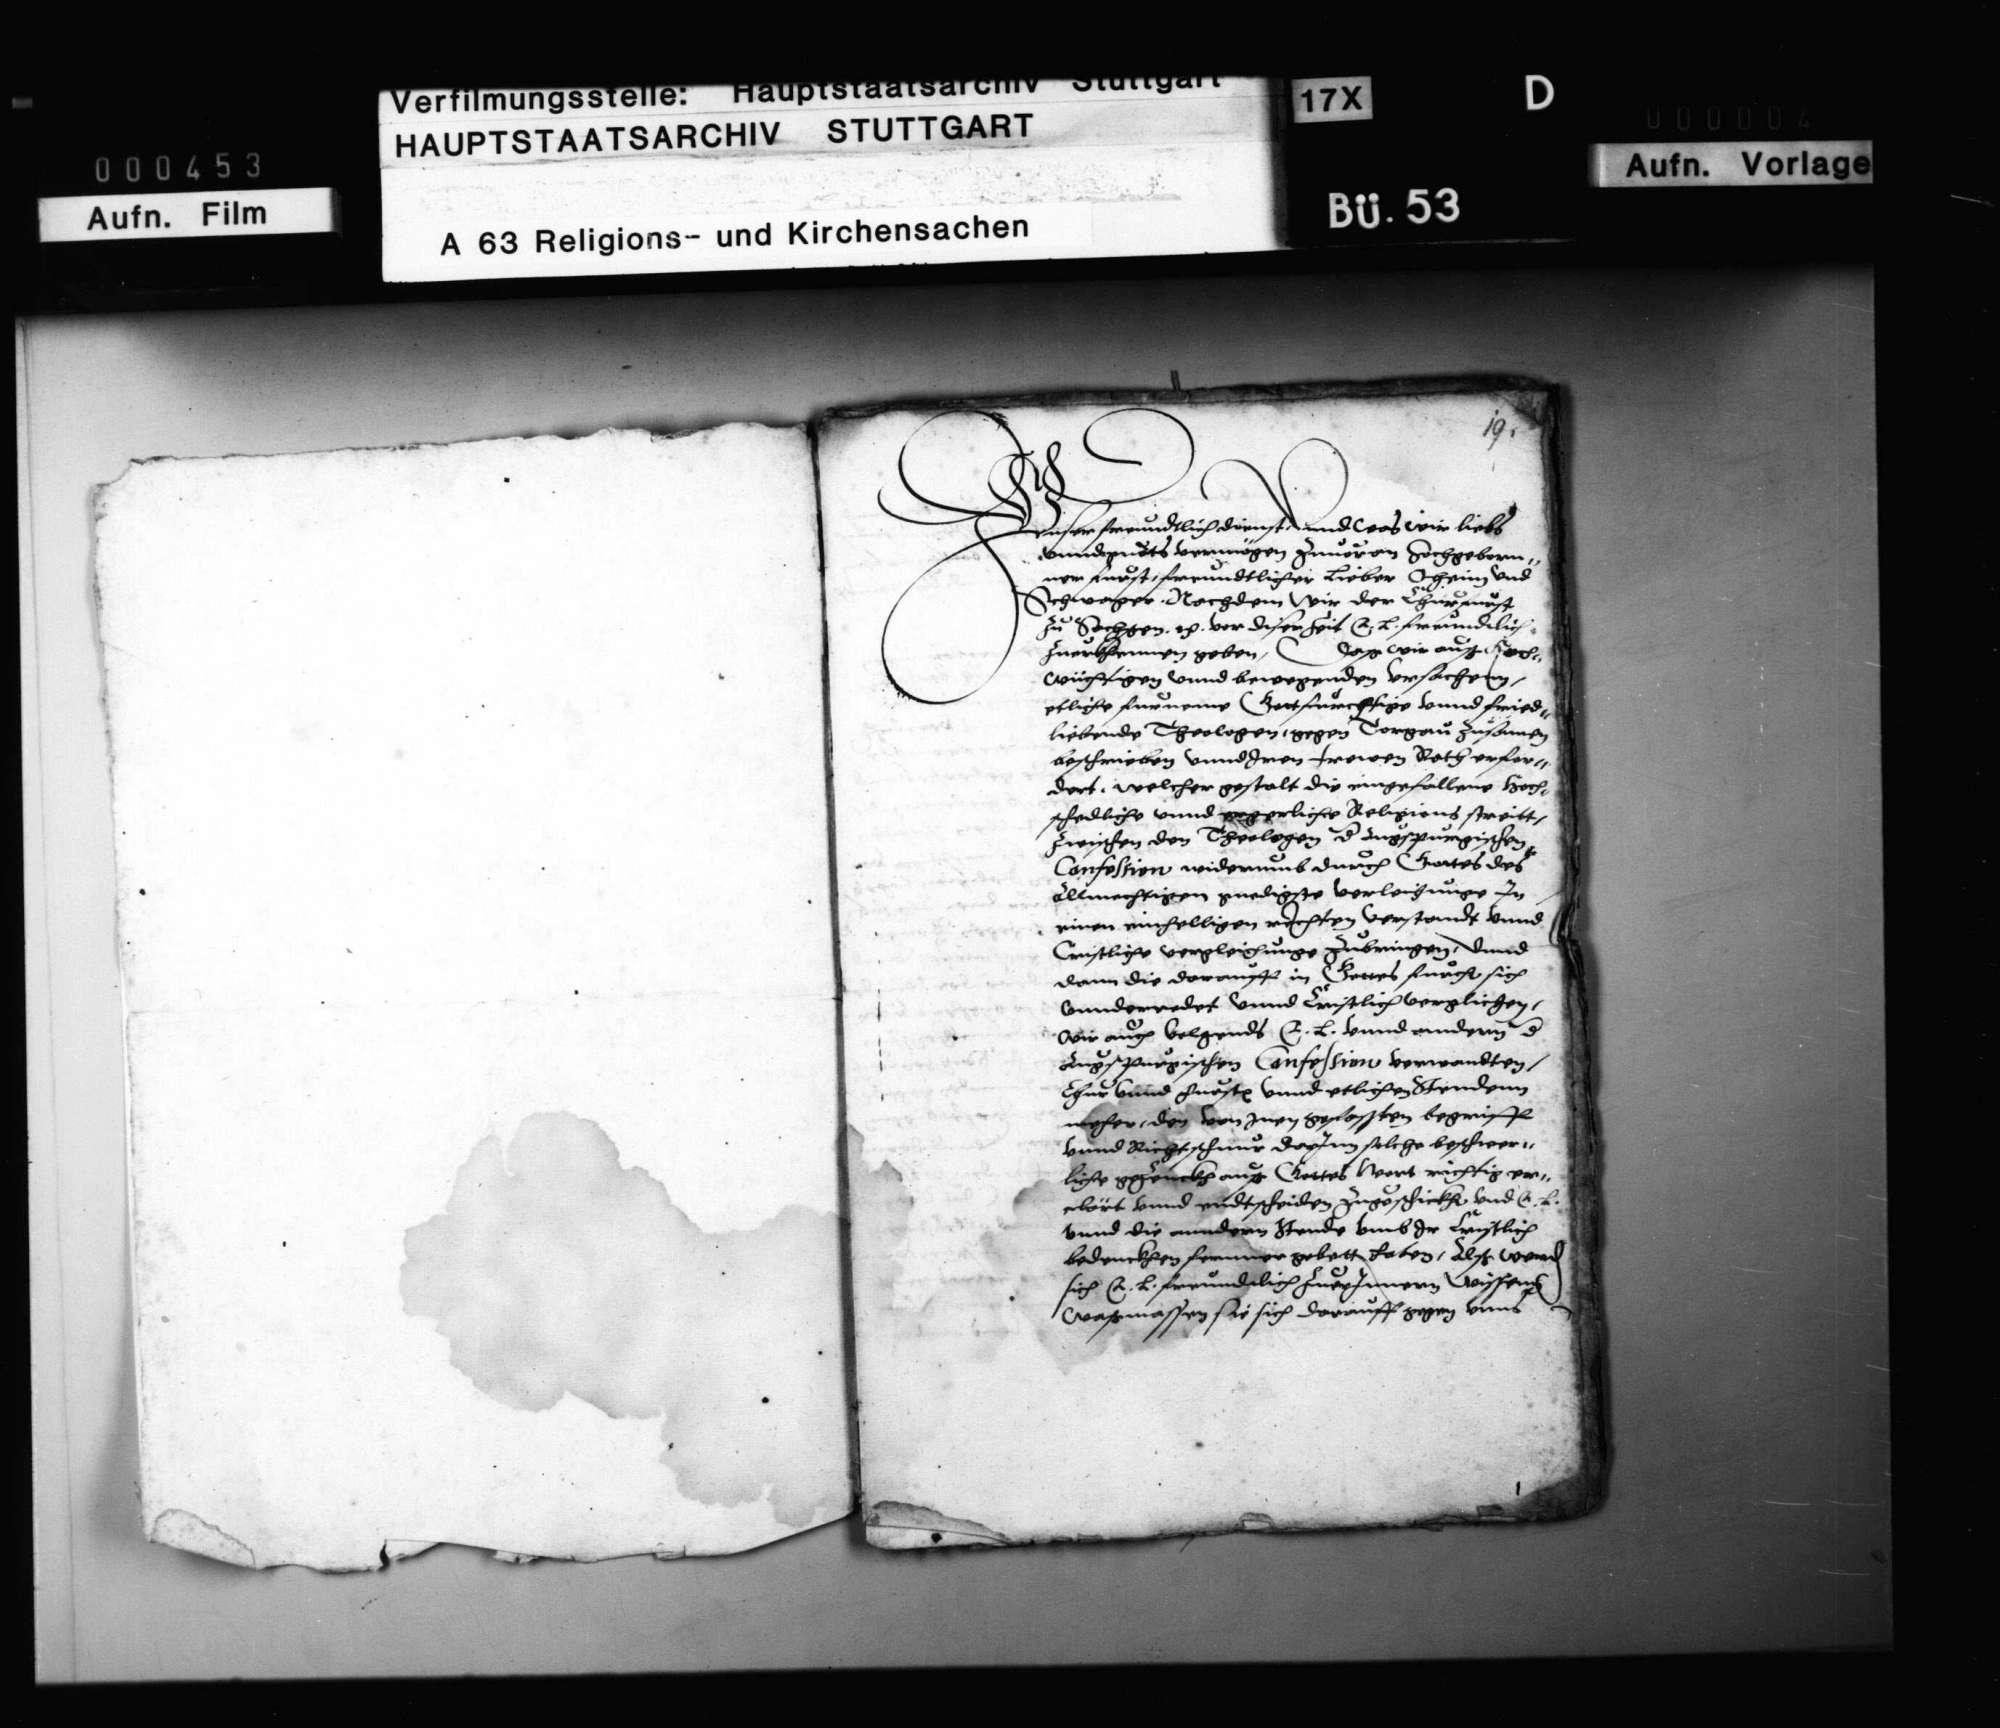 Auf Bitten von Kursachsen und Brandenburg soll Herzog Ludwig erreichen, dass die württembergischen Theologen und die schwäbischen Reichsstände die Concordienformel unterschreiben., Bild 2